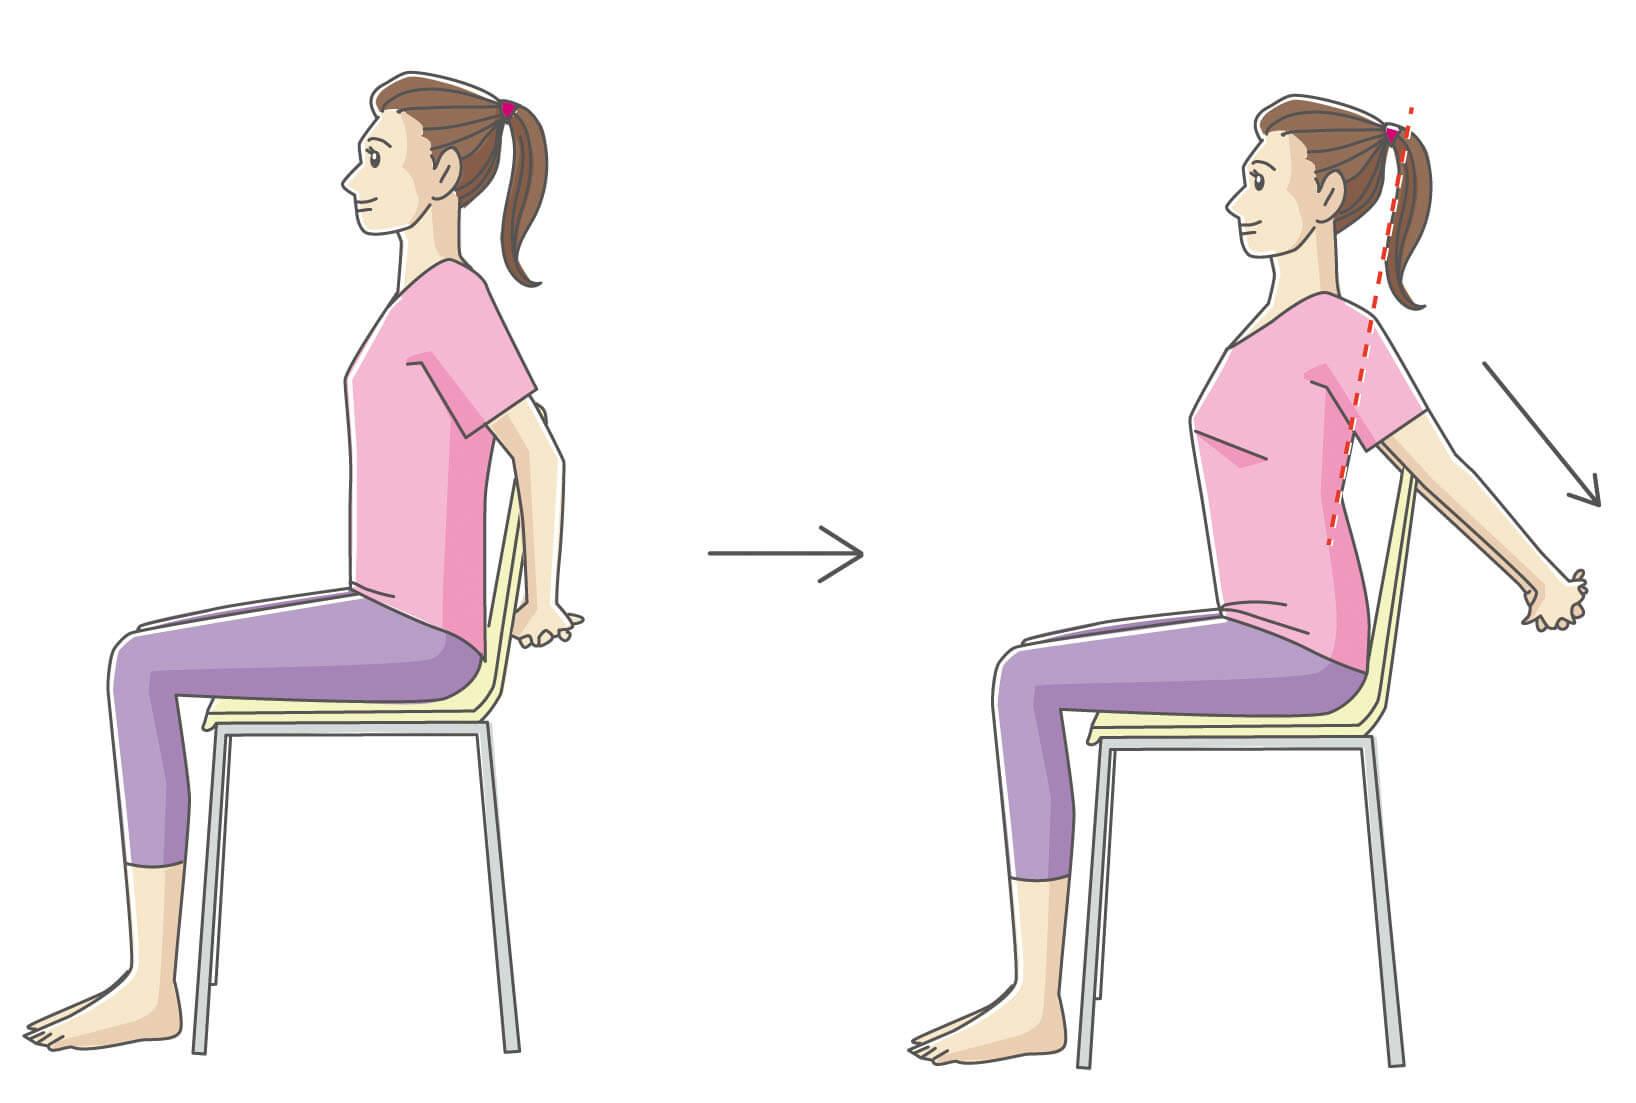 椅子に座って大胸筋のストレッチをしている女性